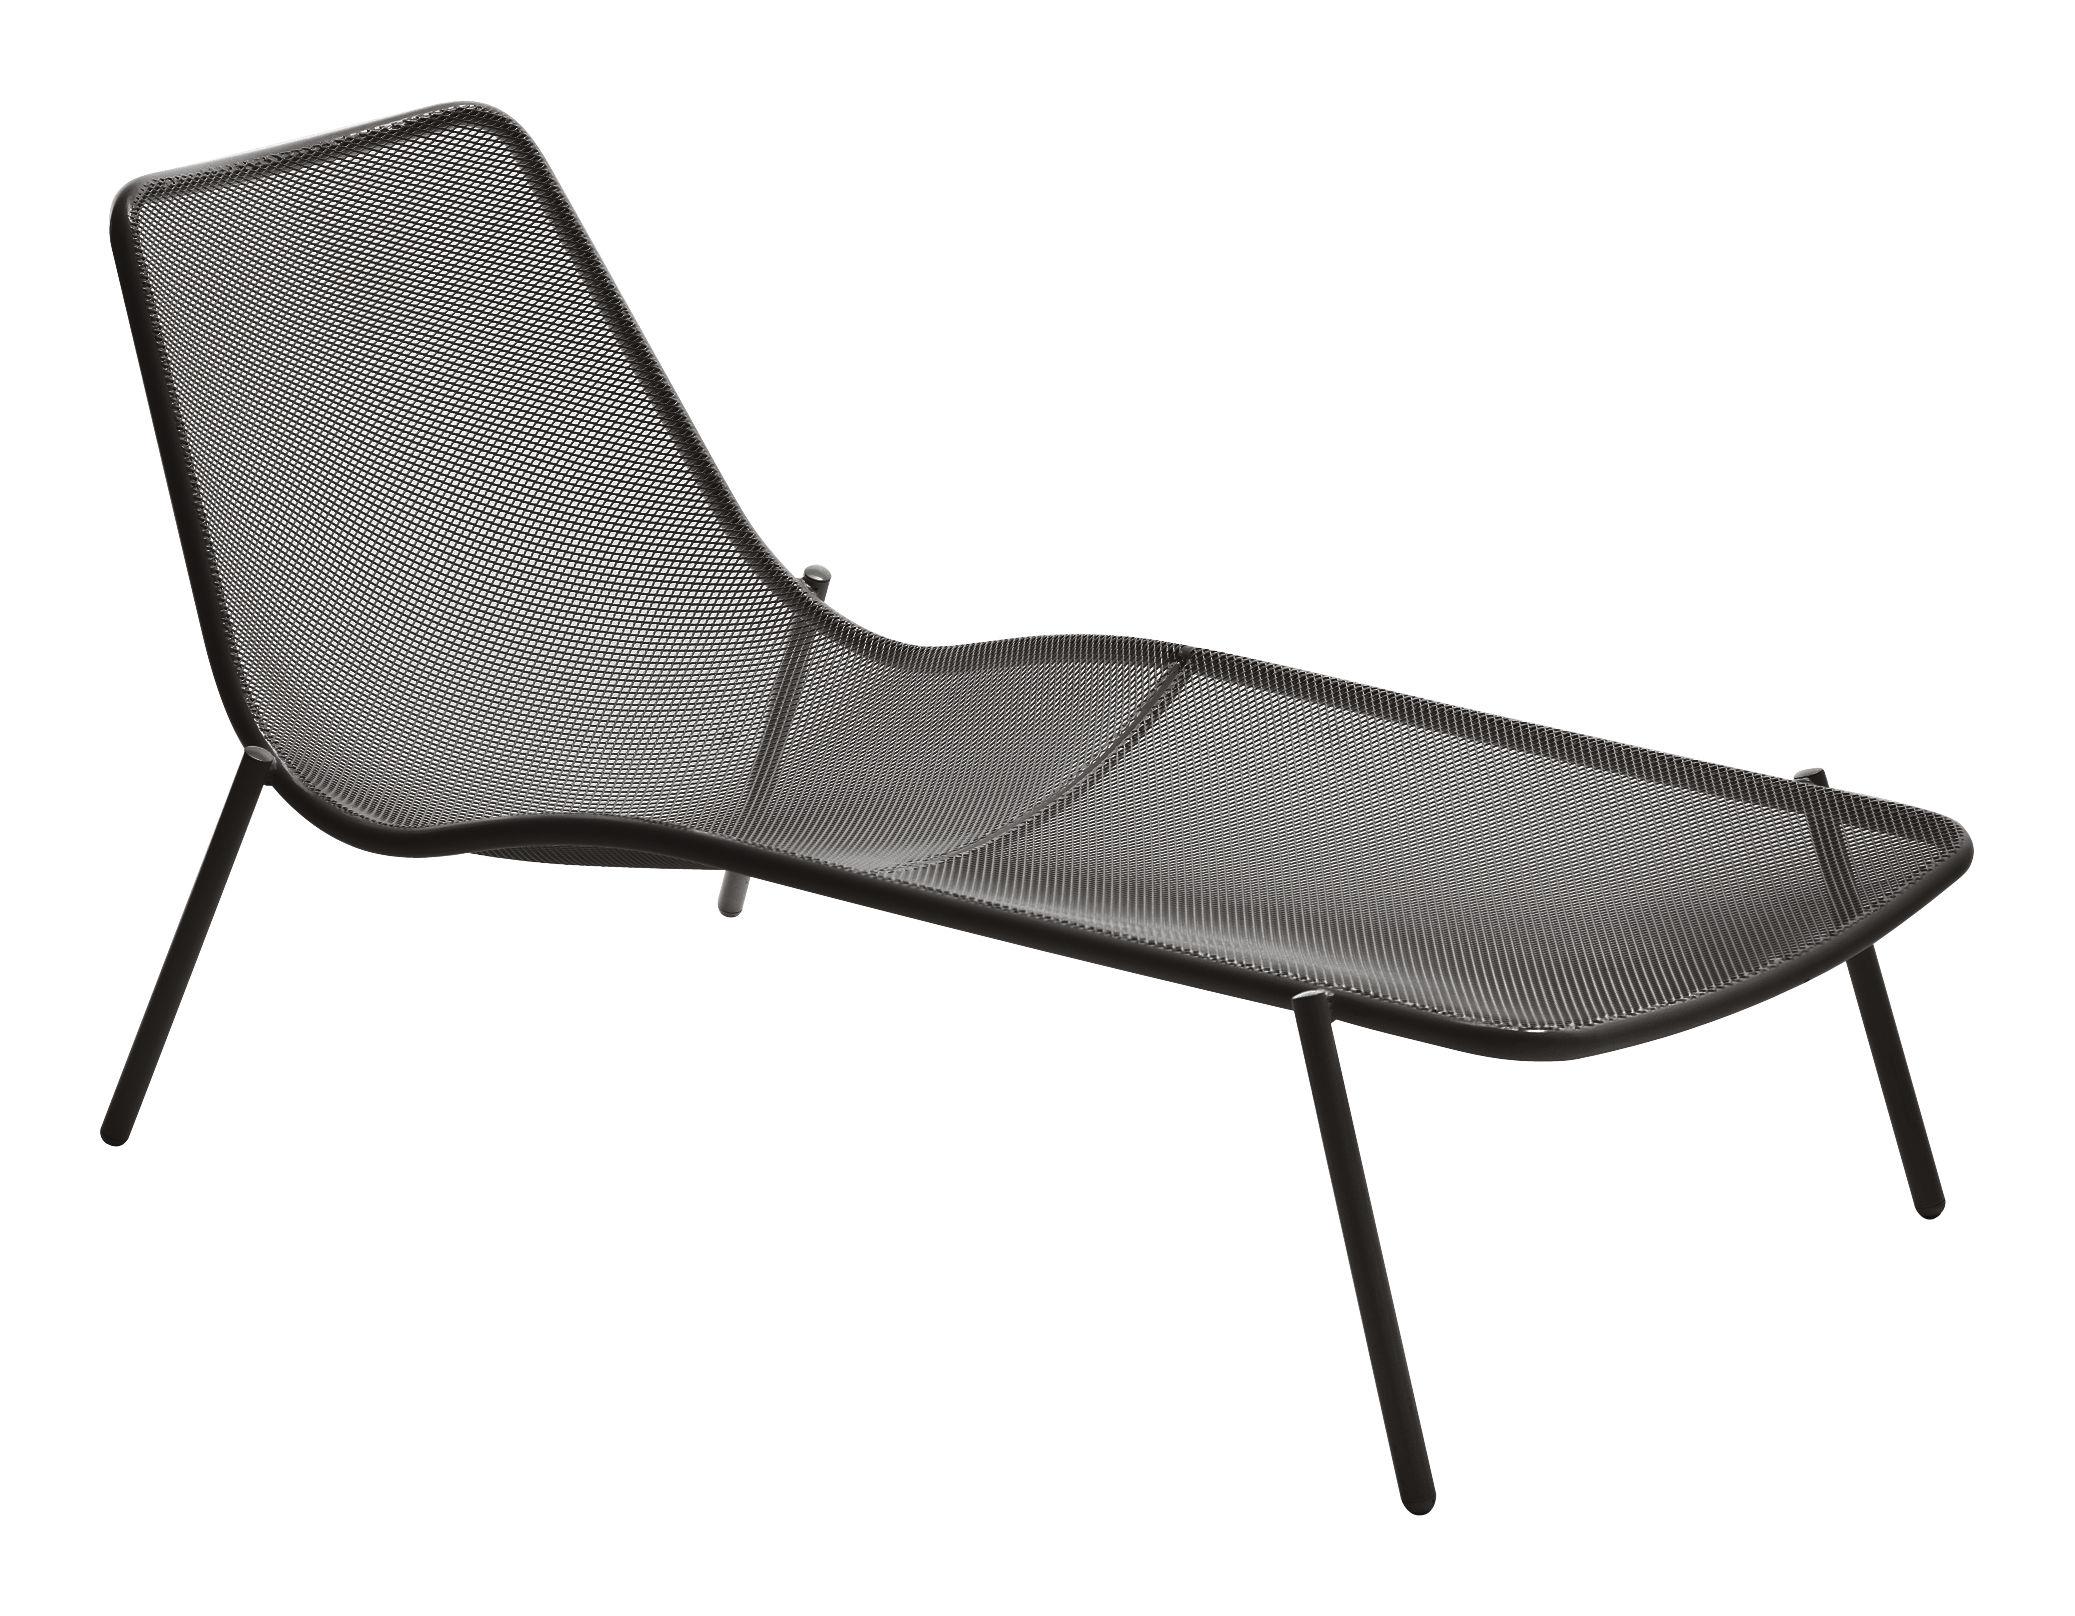 Outdoor - Chaises longues et hamacs - Bain de soleil Round - Emu - Bronze - Acier